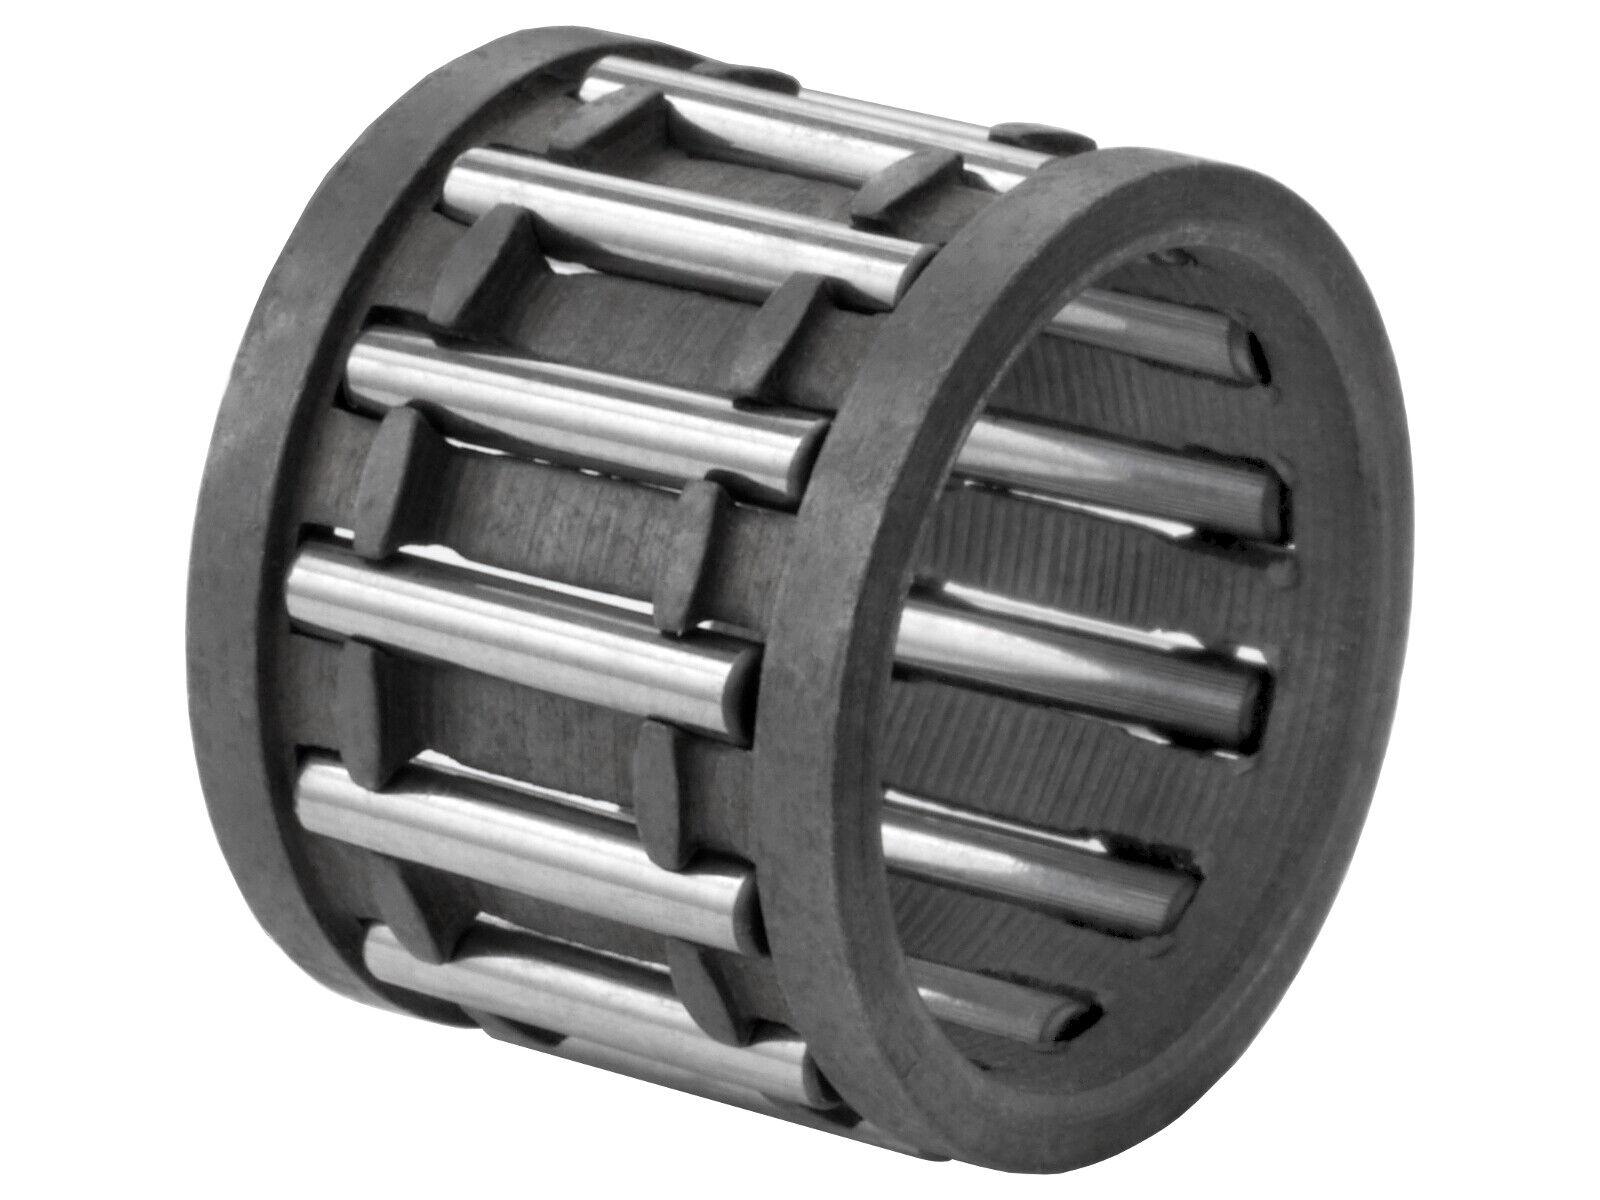 Nadellager für Kettenrad passend Husqvarna 445 E Motorsäge